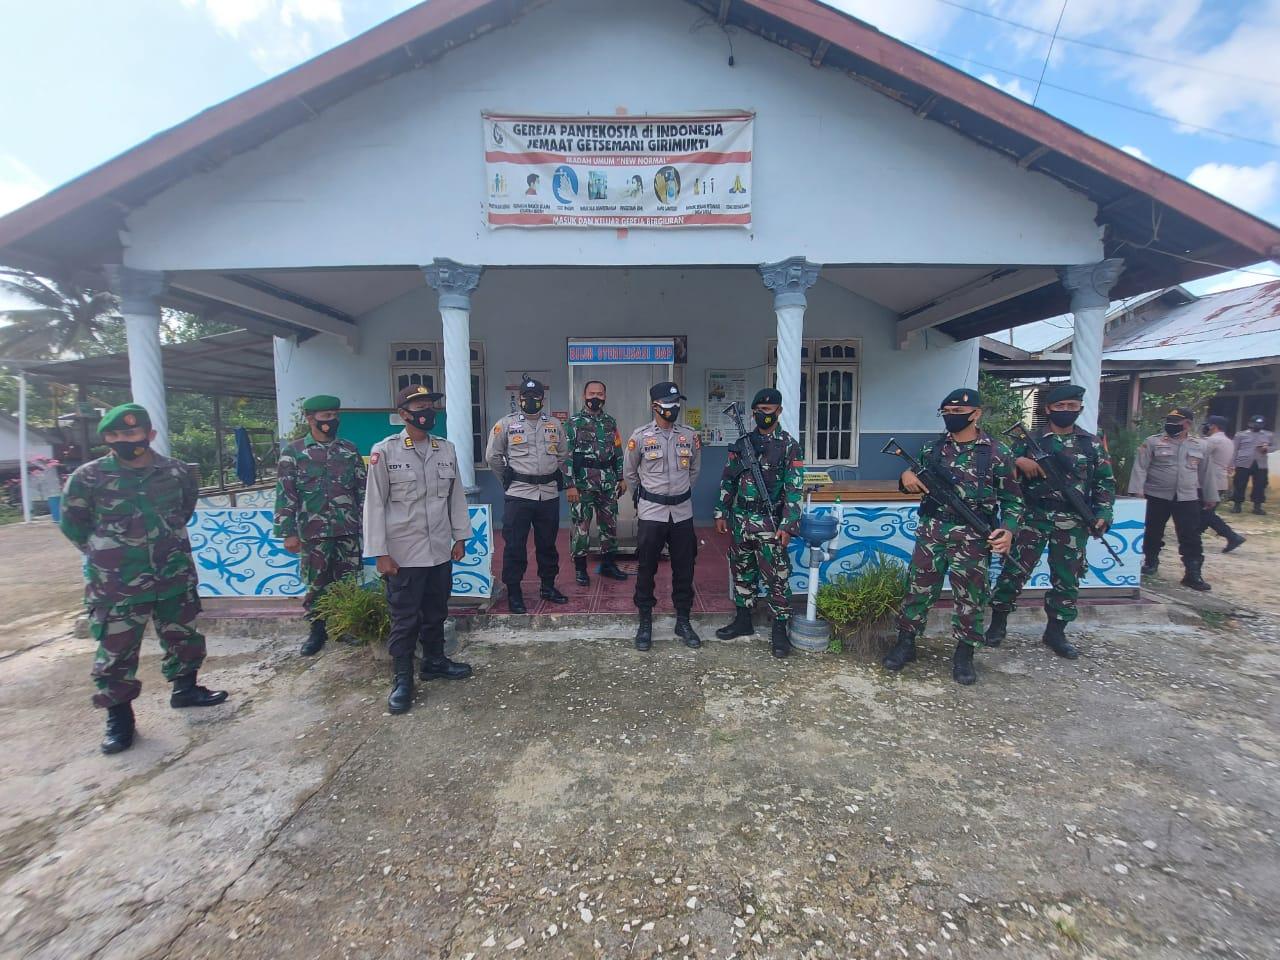 Ciptakan Situasi Kondusif, TNI dan Polri Laksanakan Patroli Gabungan ke Tempat Ibadah Wilayah Kab PPU